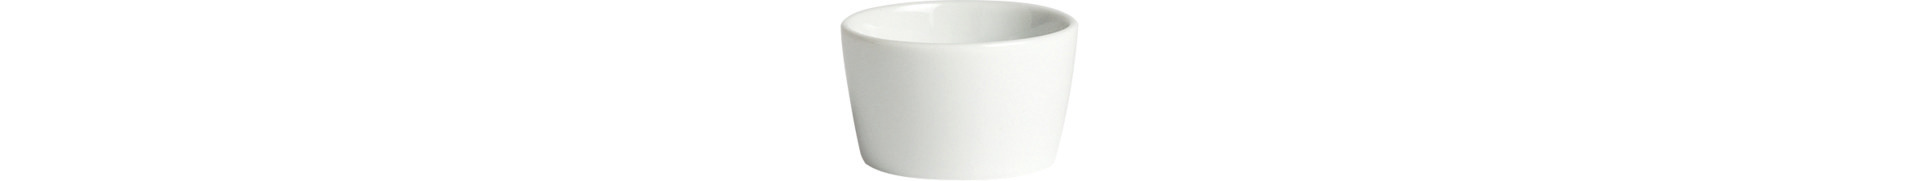 Tumbler 0,05 l weiß